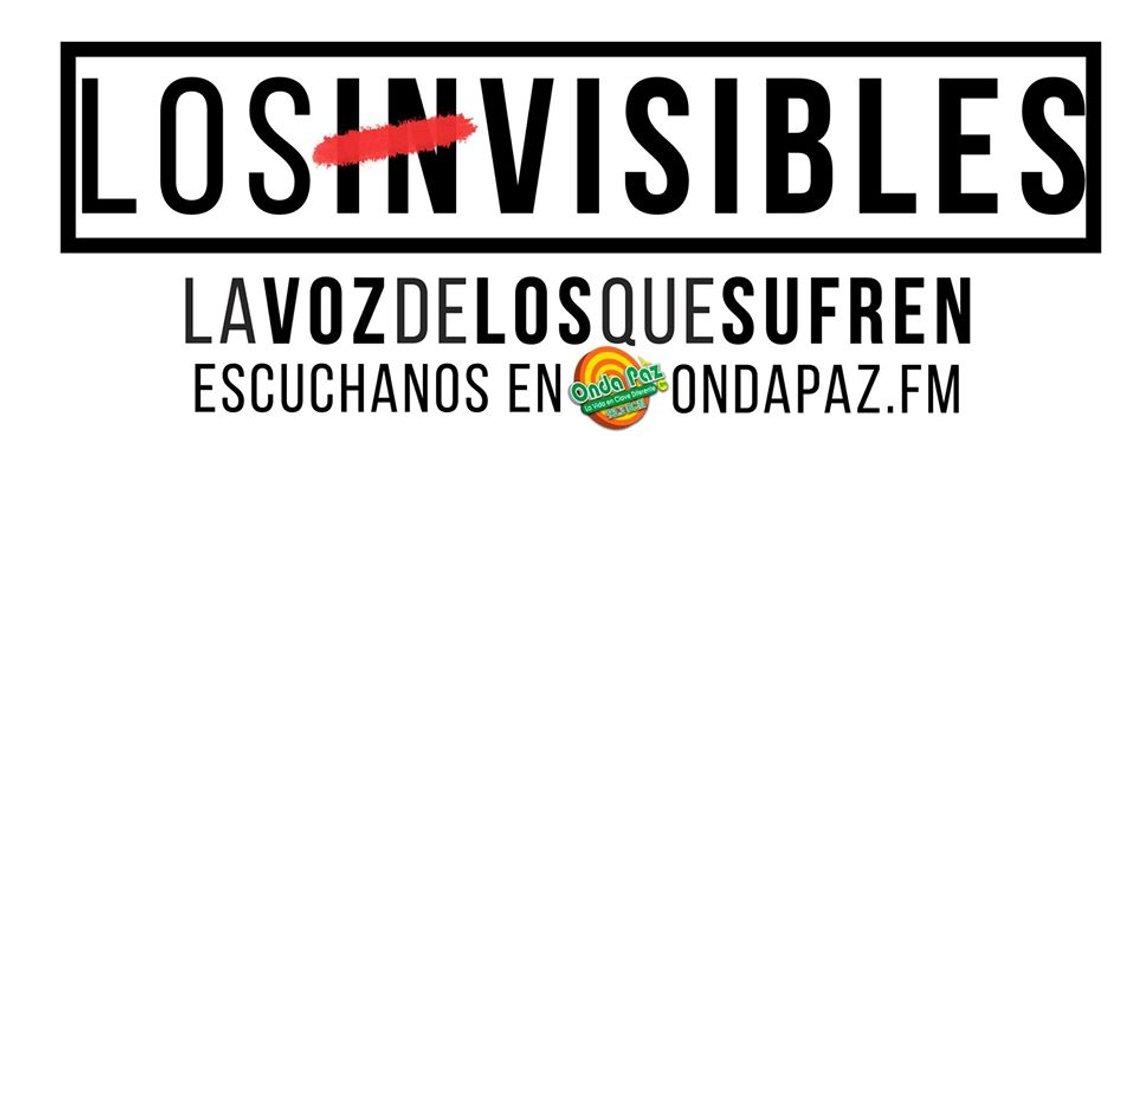 LOS INVISIBLES - imagen de portada